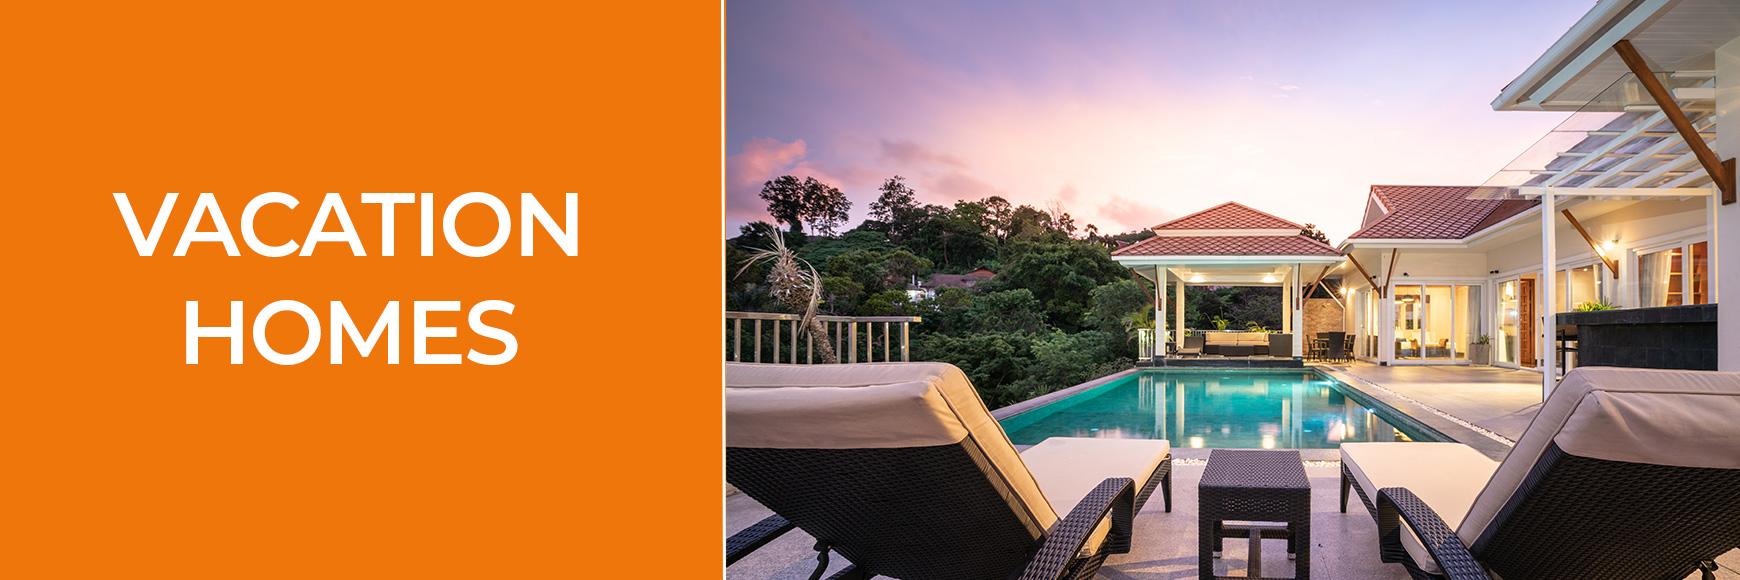 Vacation Homes Banner-Orlando Homes Sales